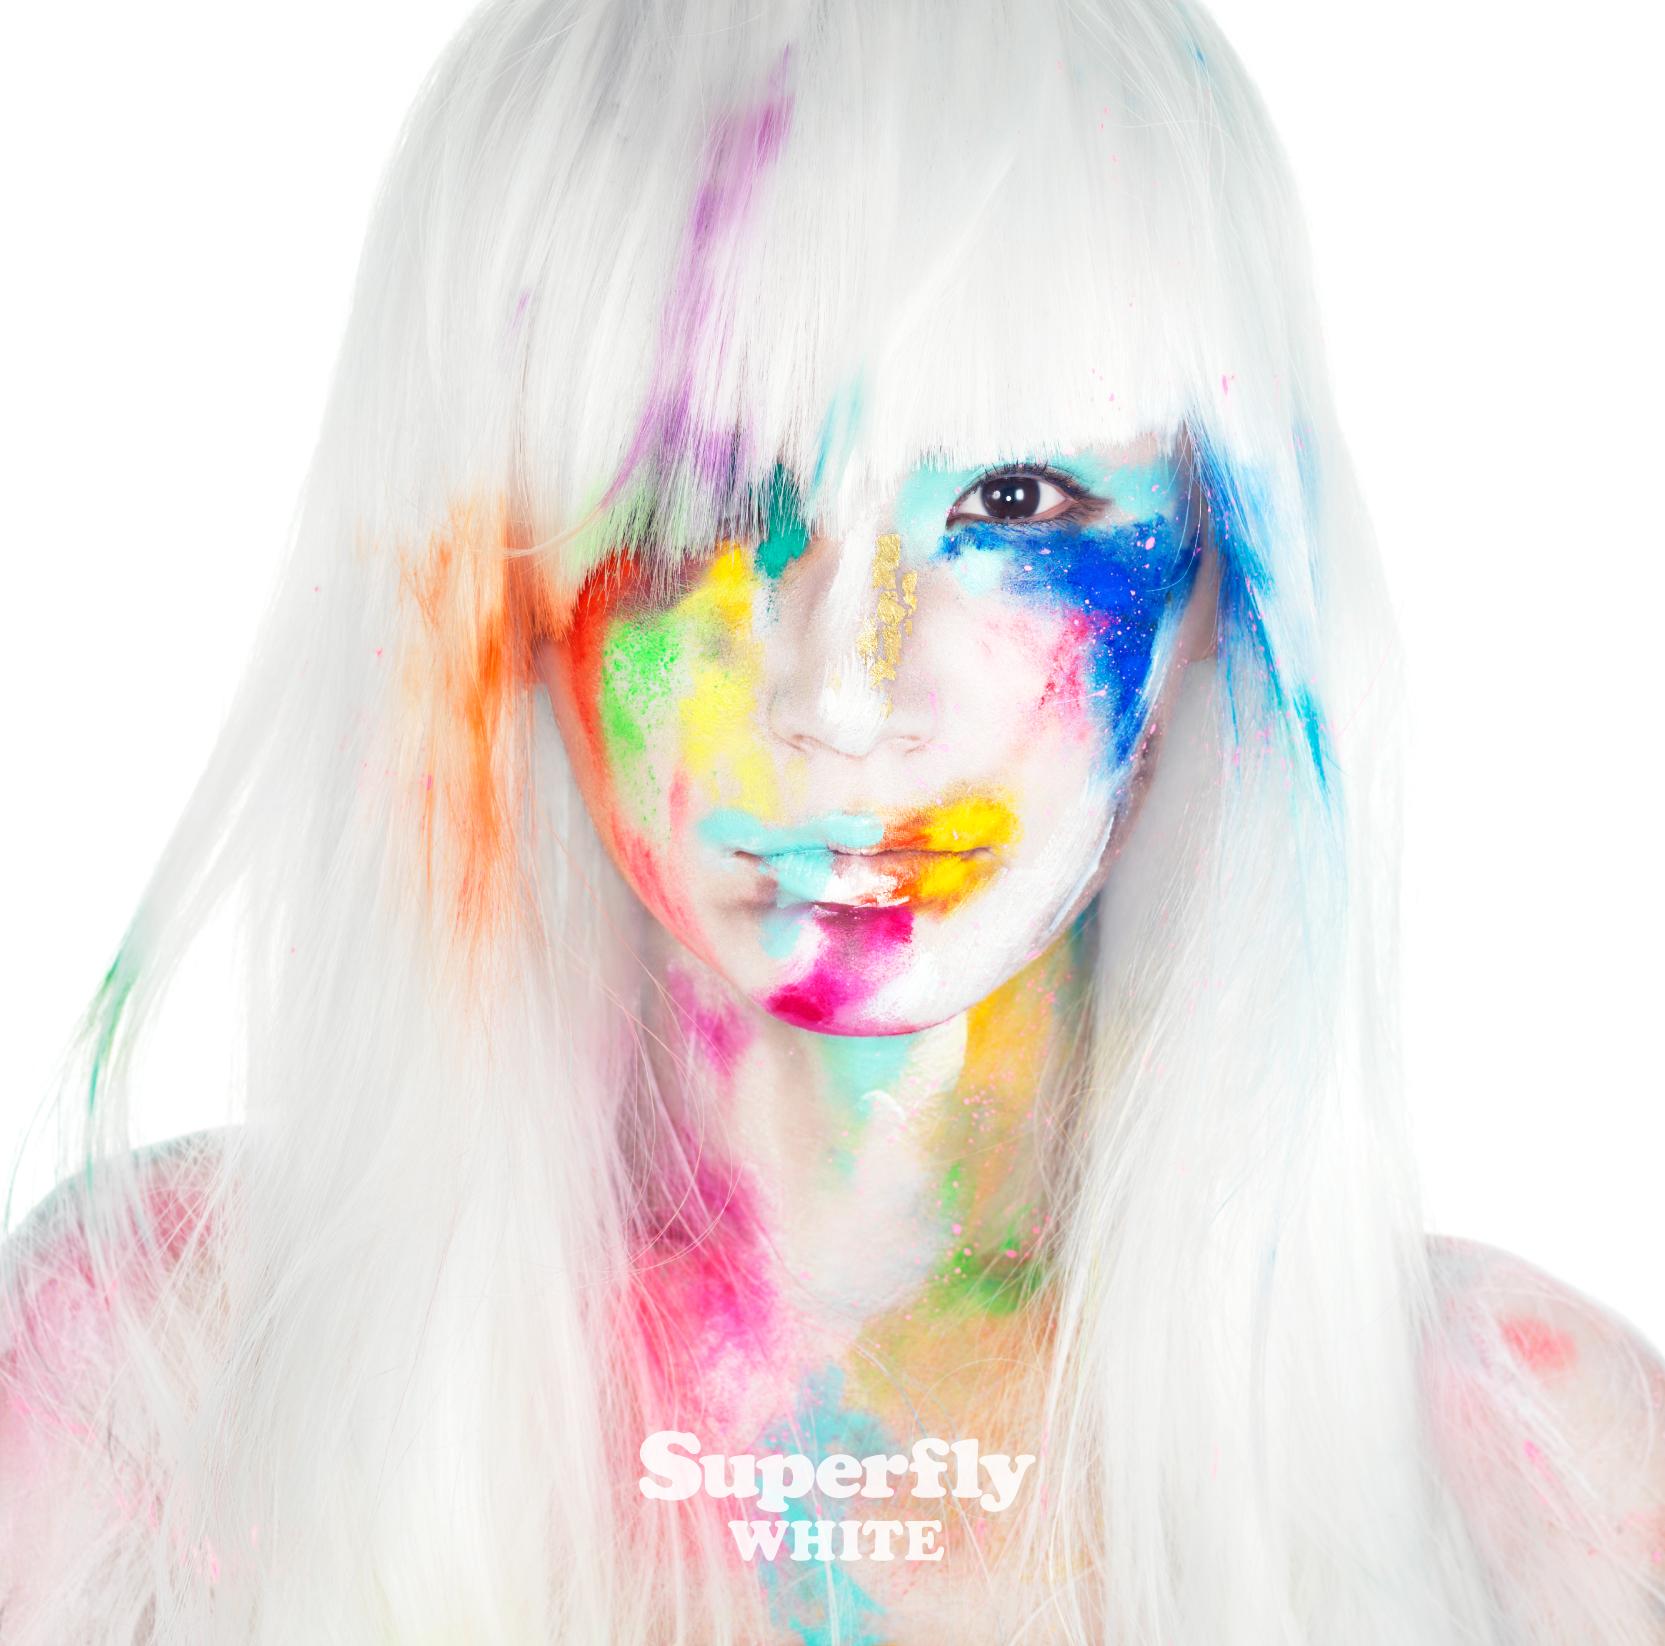 Superfly、ニューALの新曲がシングルマザーが主人公のドラマ主題歌に決定